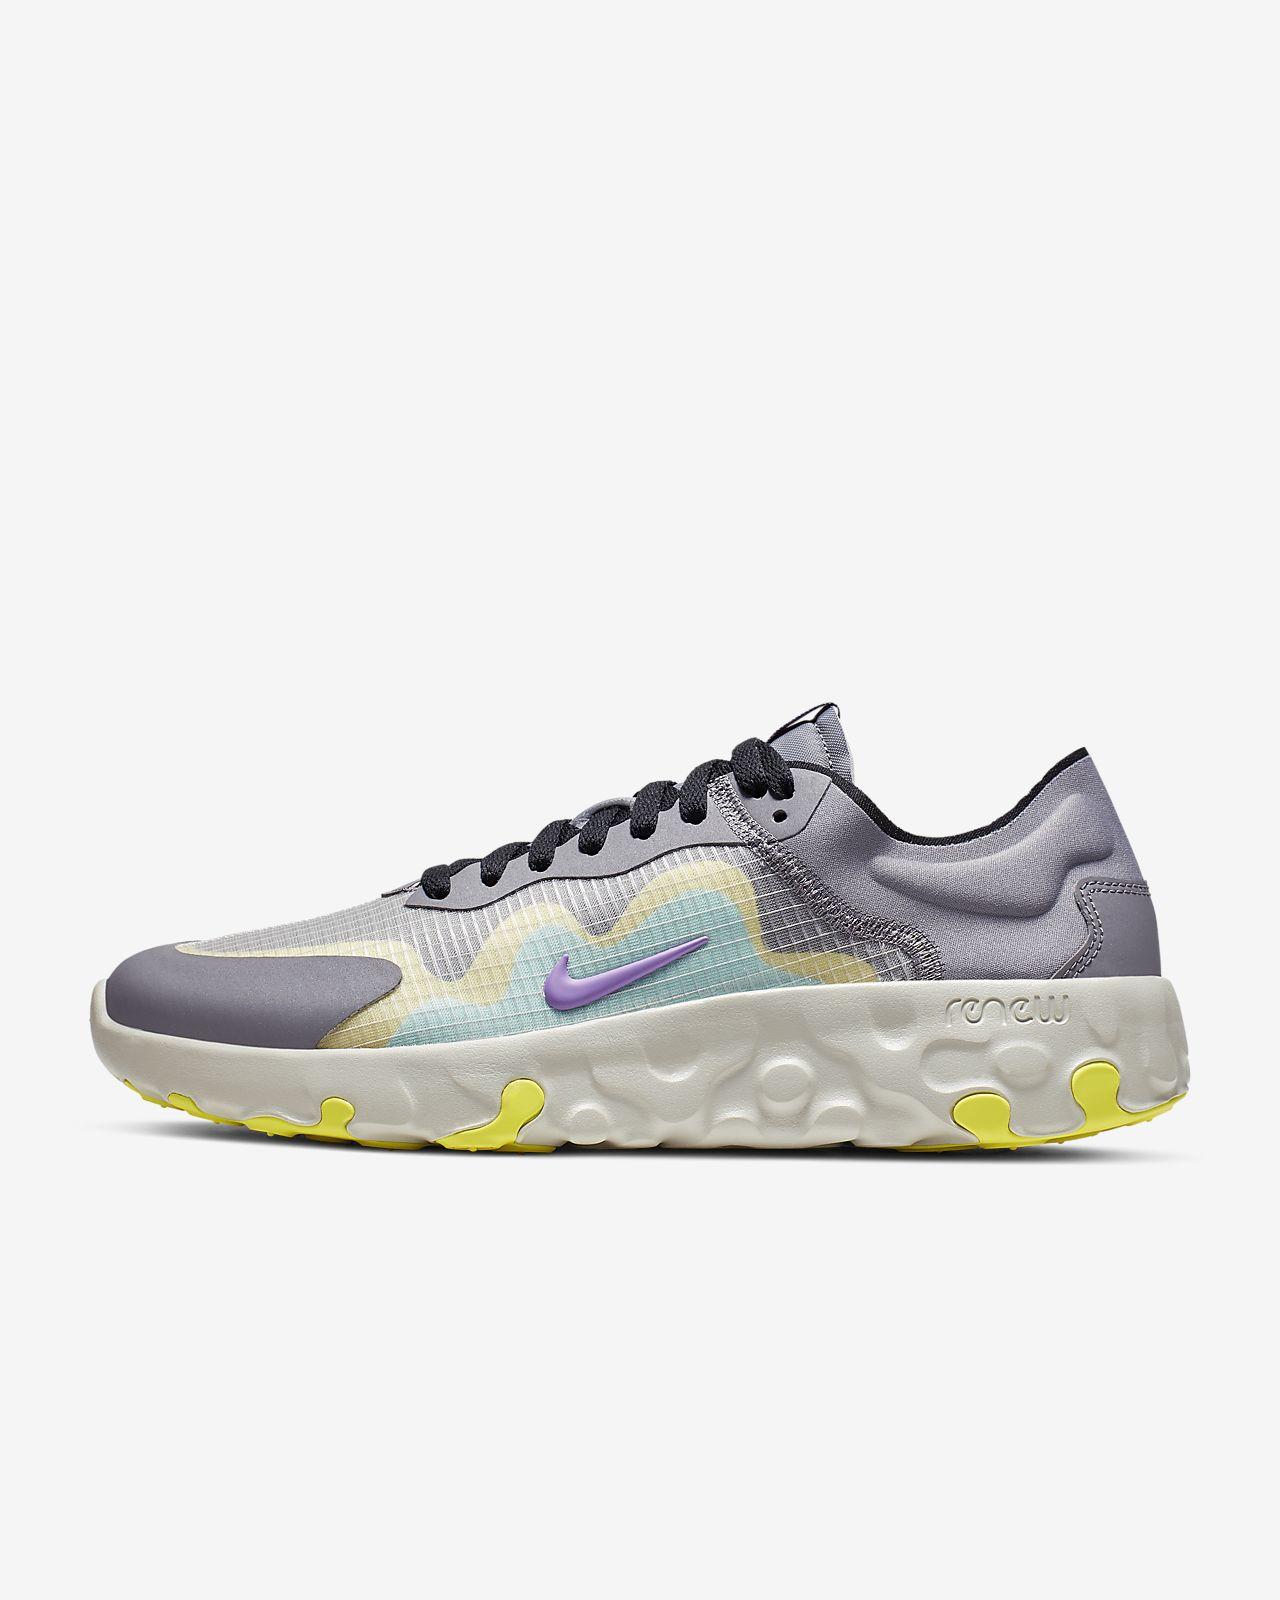 Sko Nike Renew Lucent för män